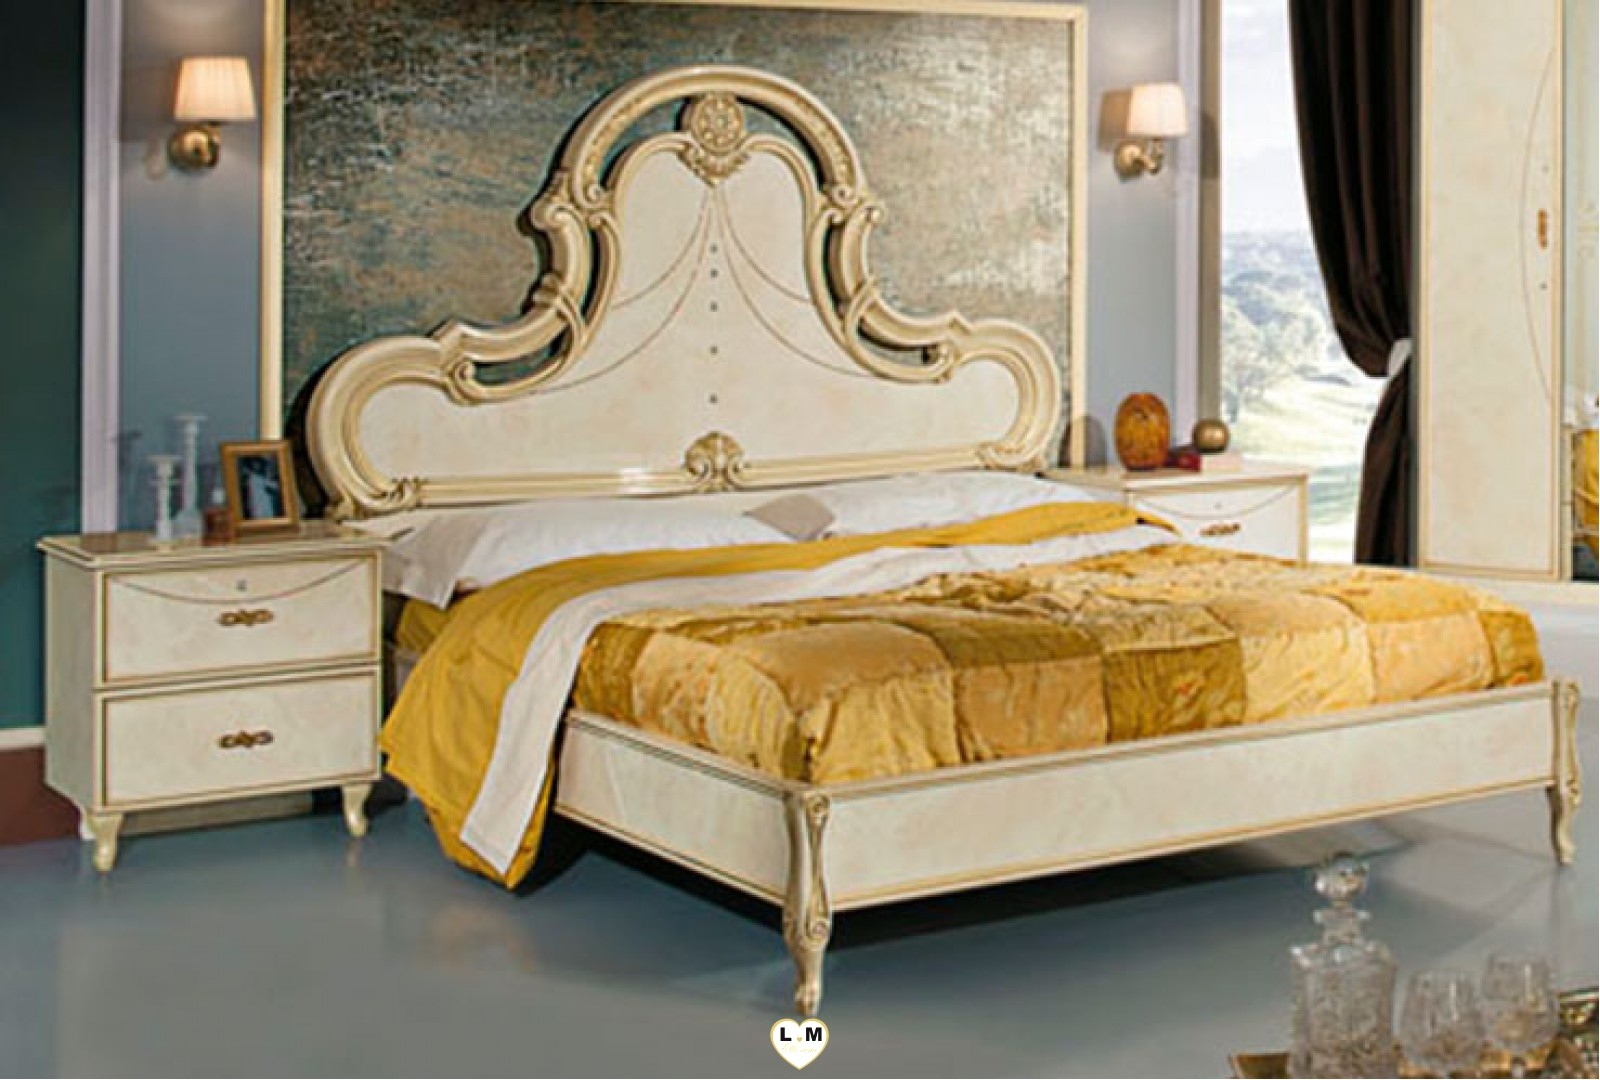 Ginevra laque beige vulcano ensemble chambre a coucher for Chambre a coucher ensemble